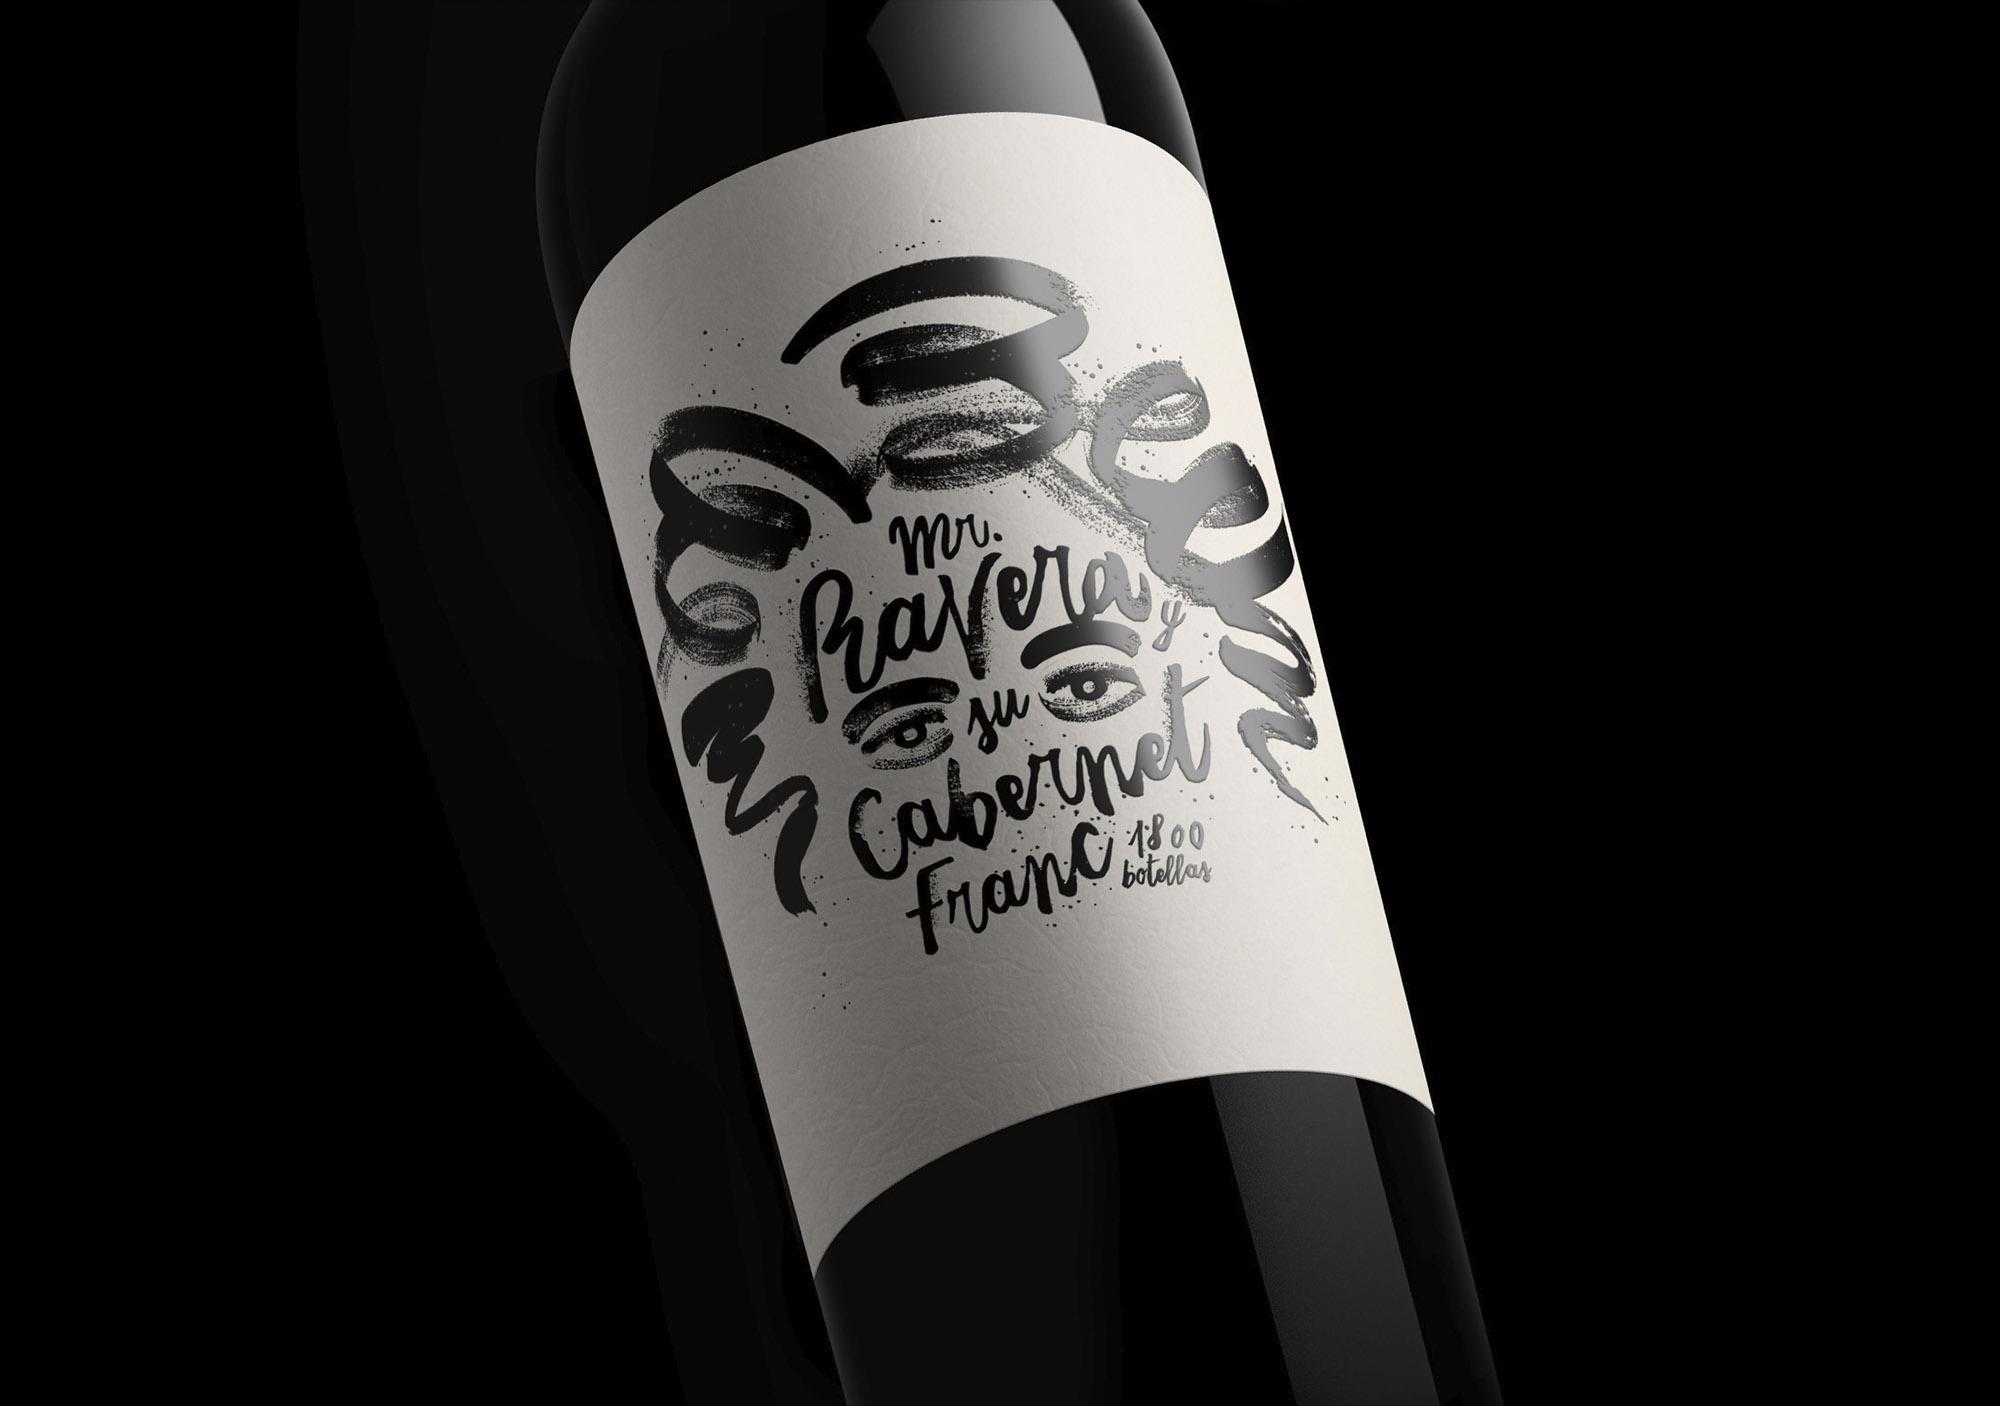 ravera wine